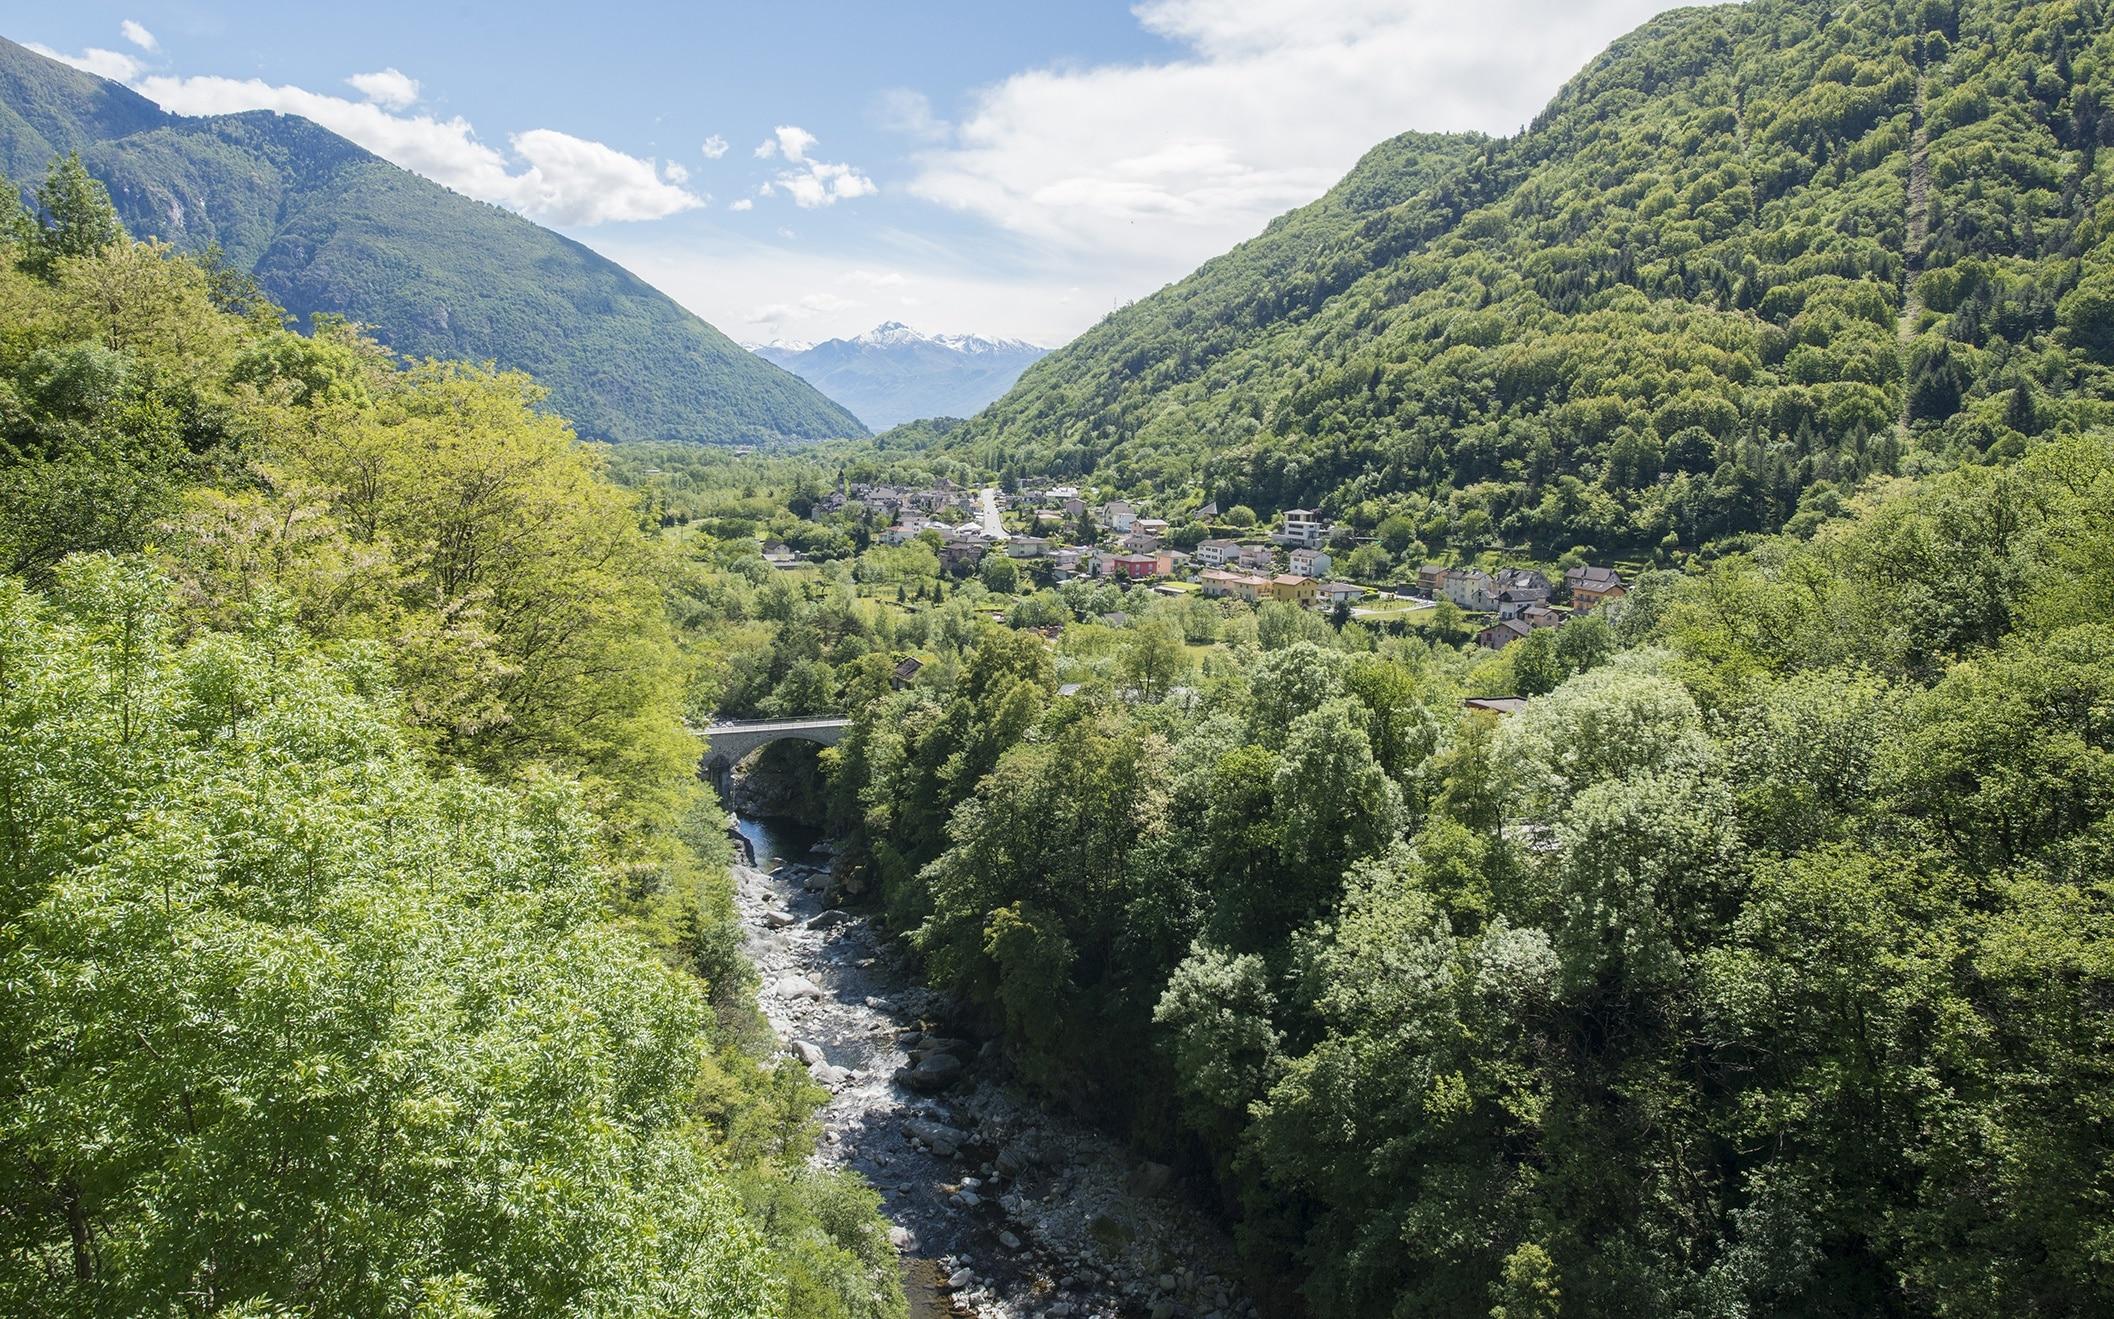 Cavigliano, Terre di Pedemonte, Canton of Ticino, Switzerland